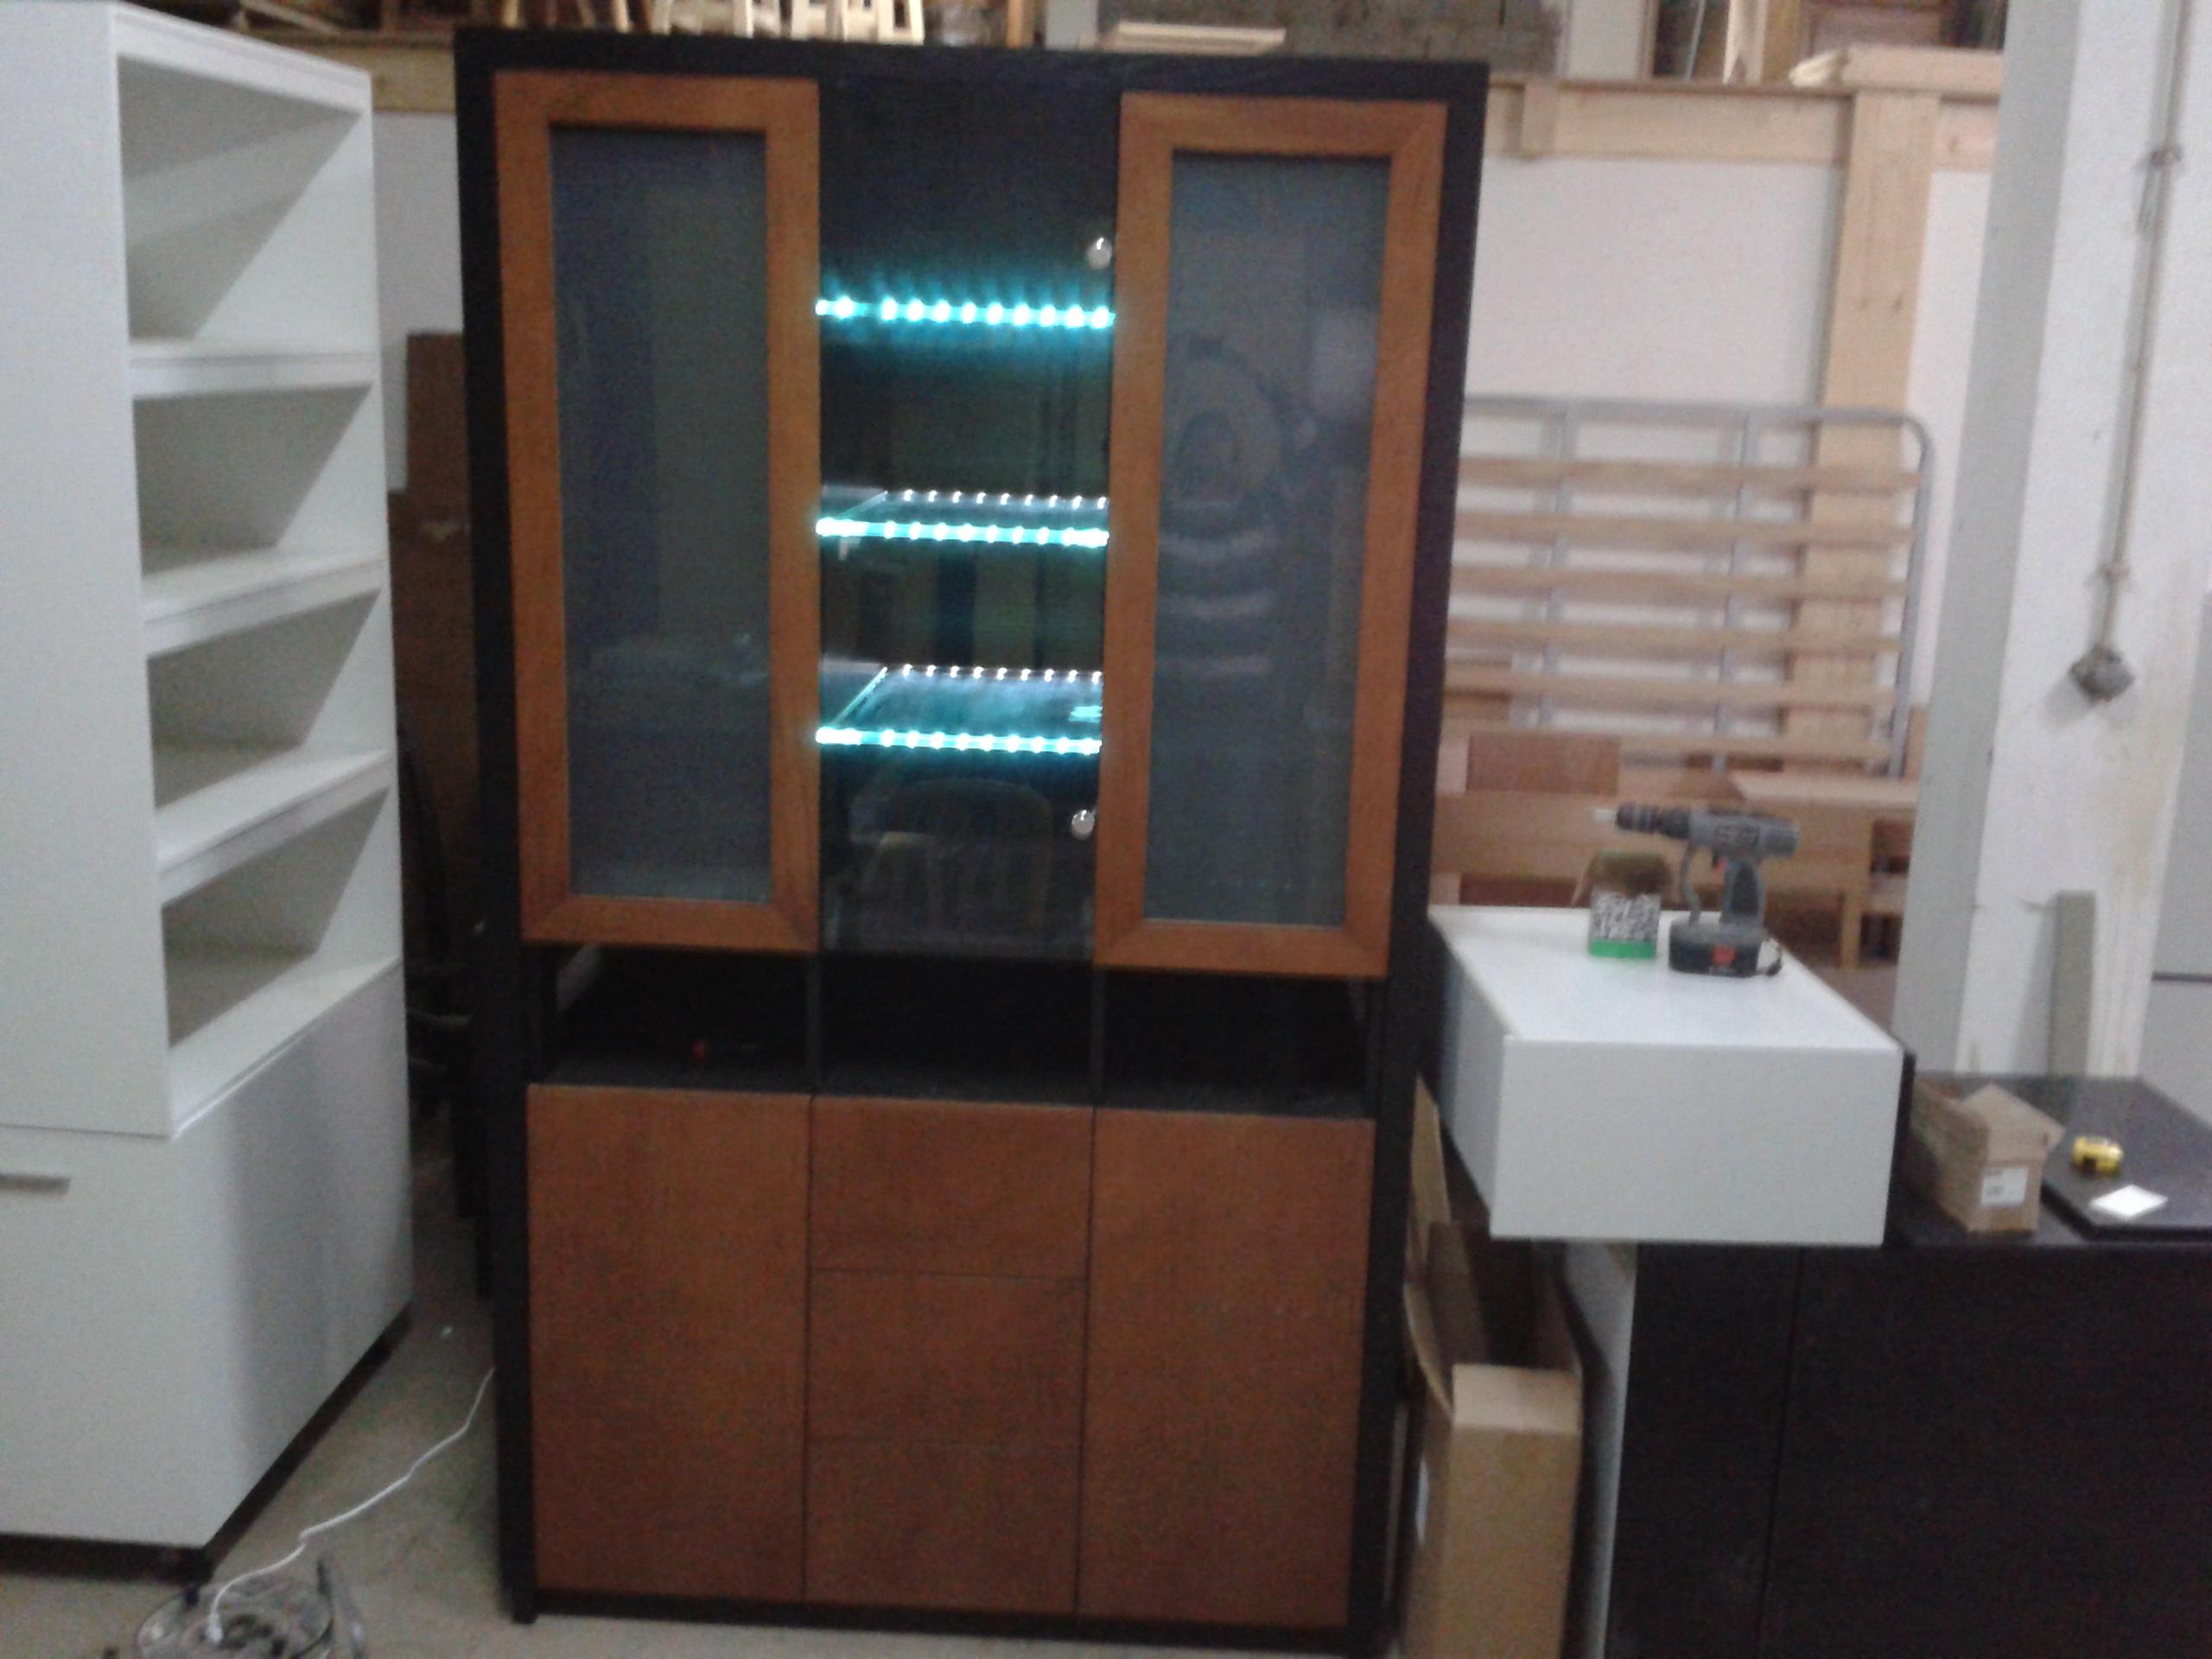 Móvel Wen/Cer com LED's